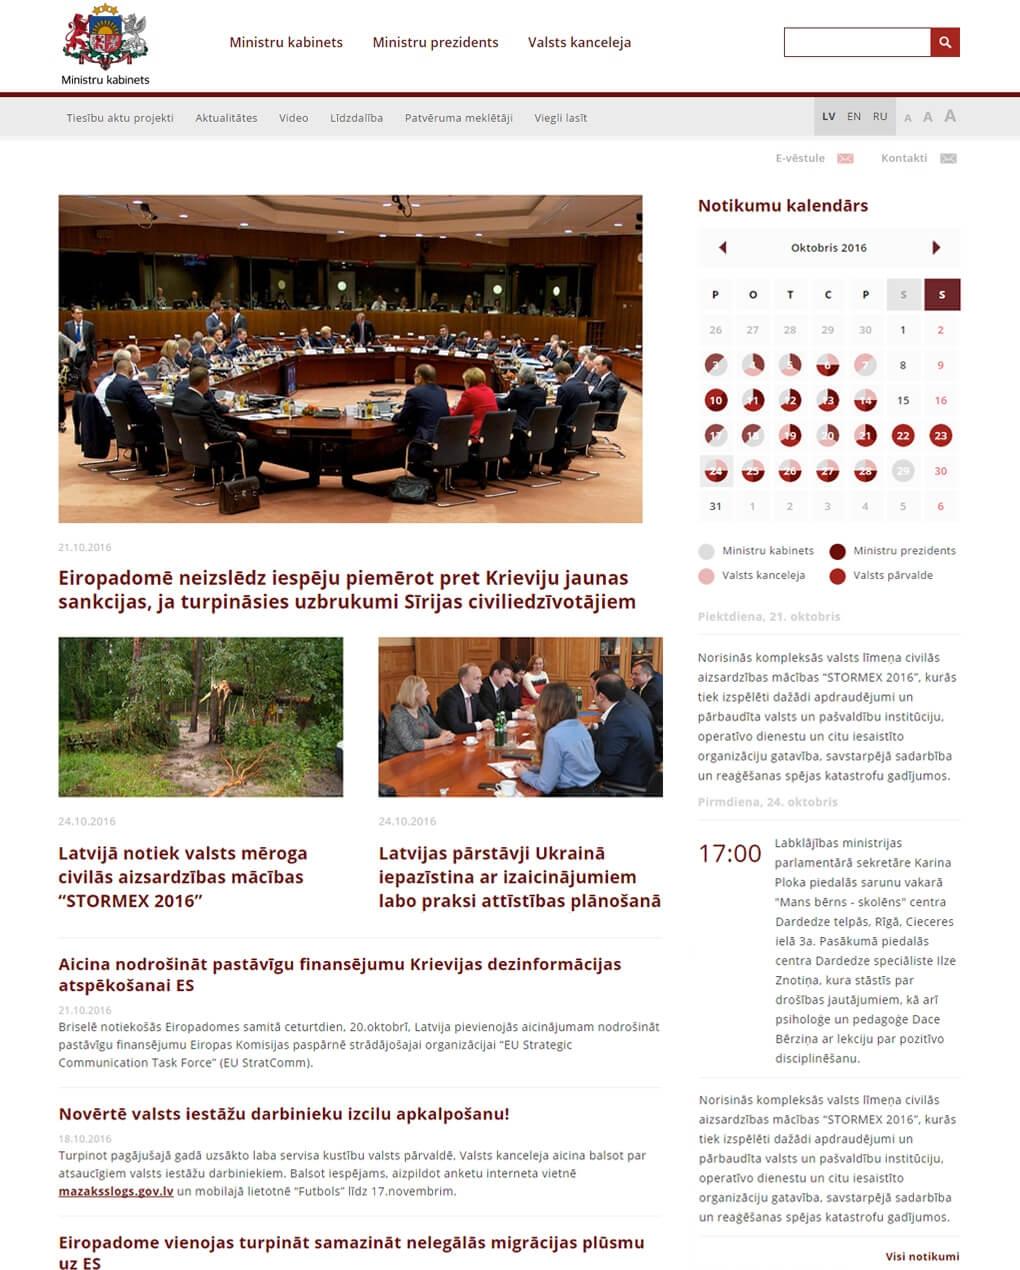 Ministru kabinets mājas lapa